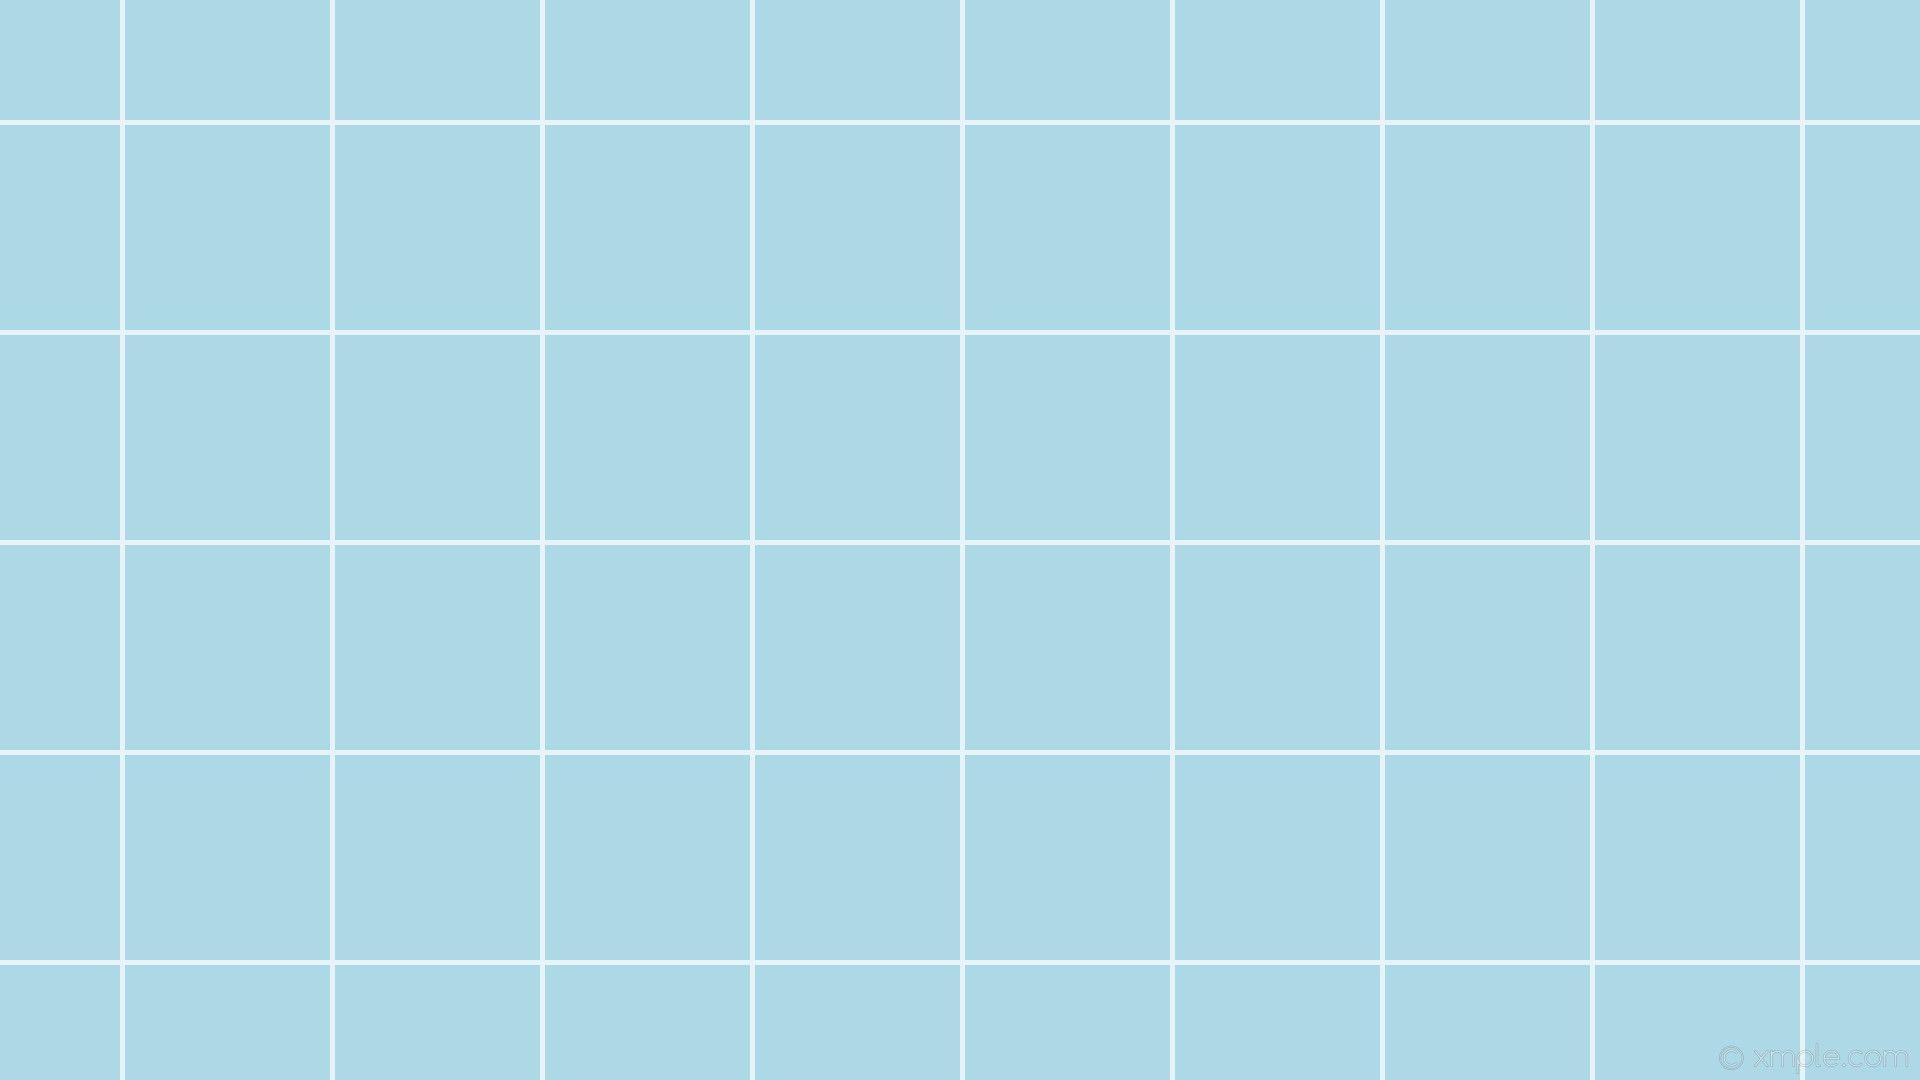 aesthetic background light blue